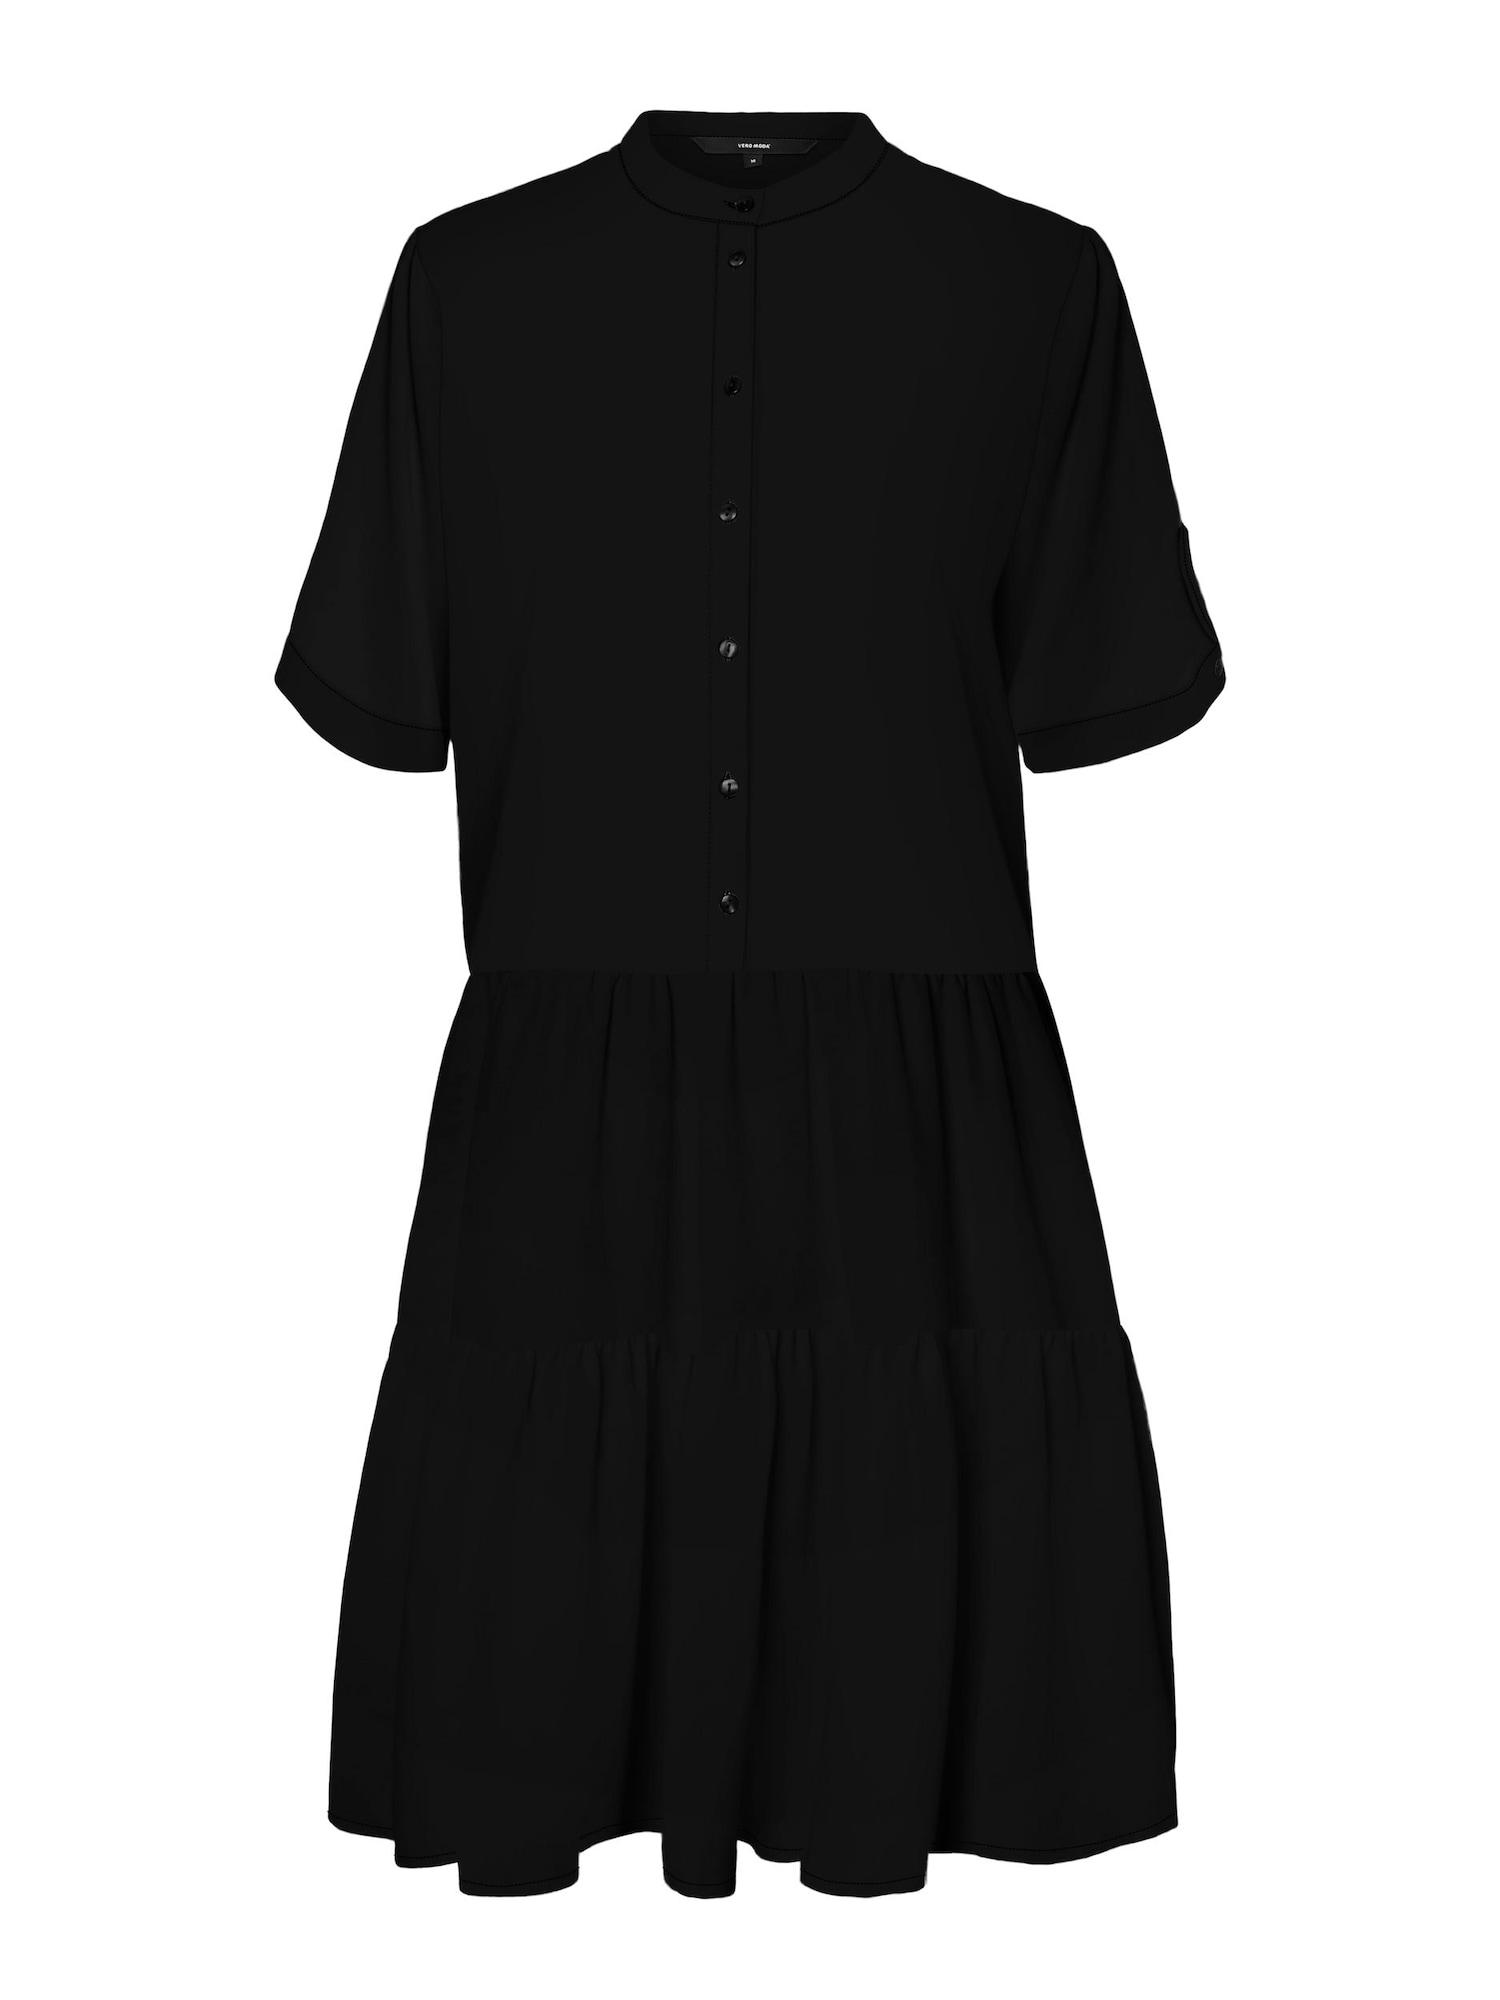 Vero Moda Petite Palaidinės tipo suknelė juoda